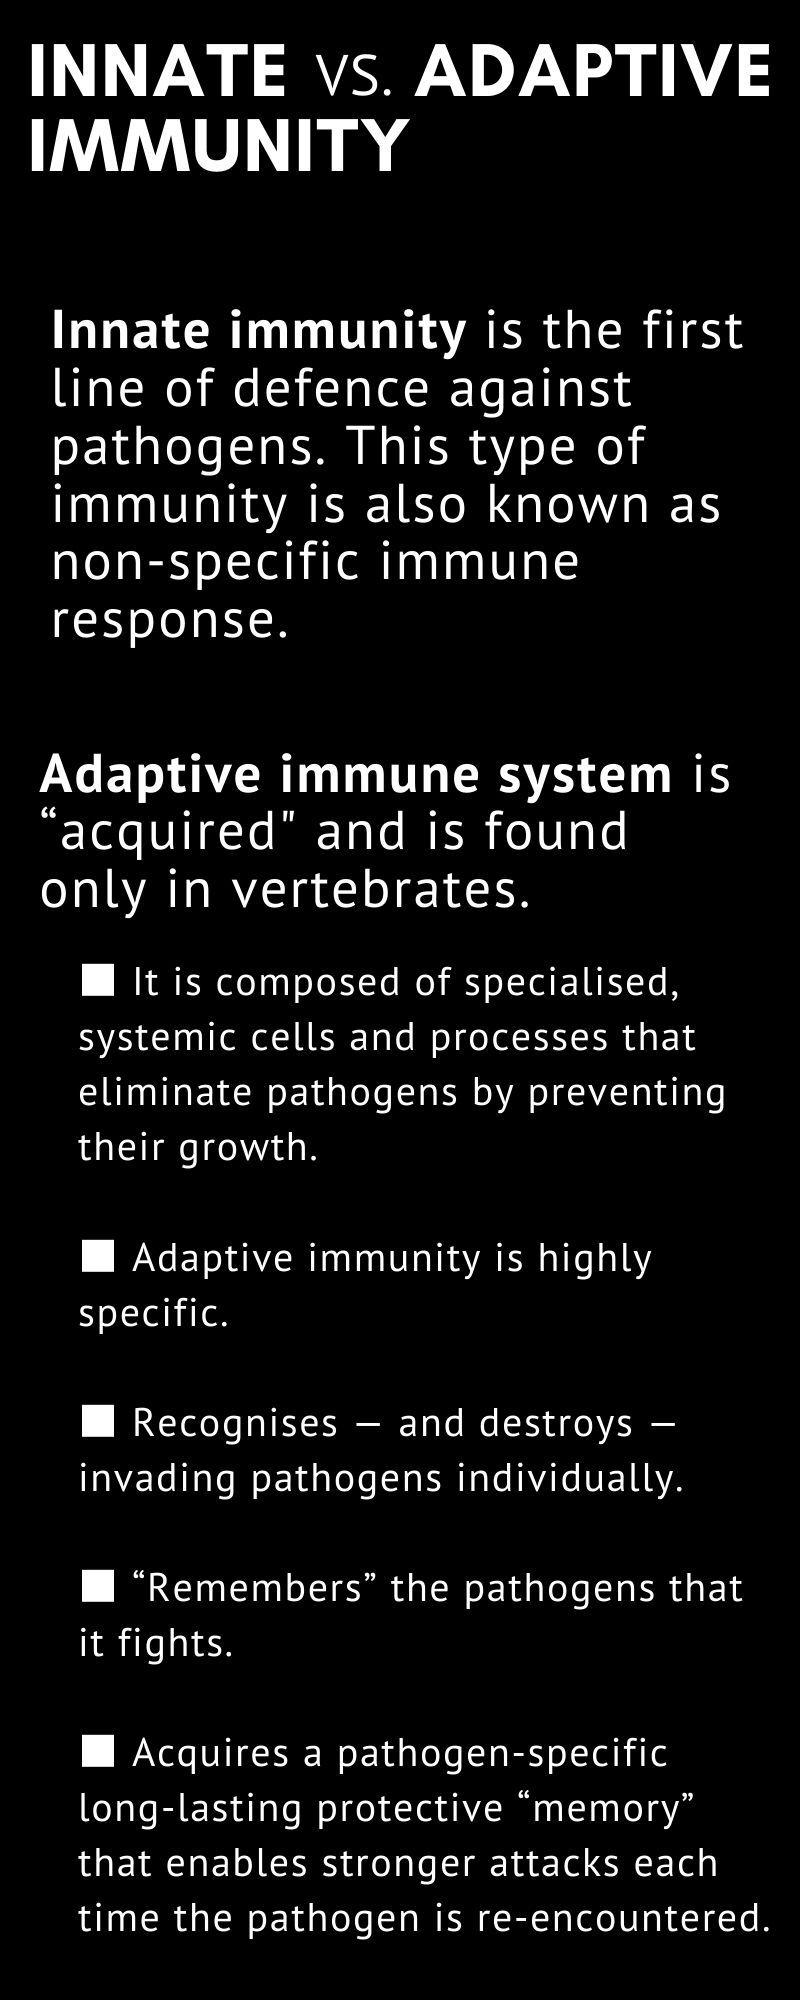 Immunity innate vs adaptive